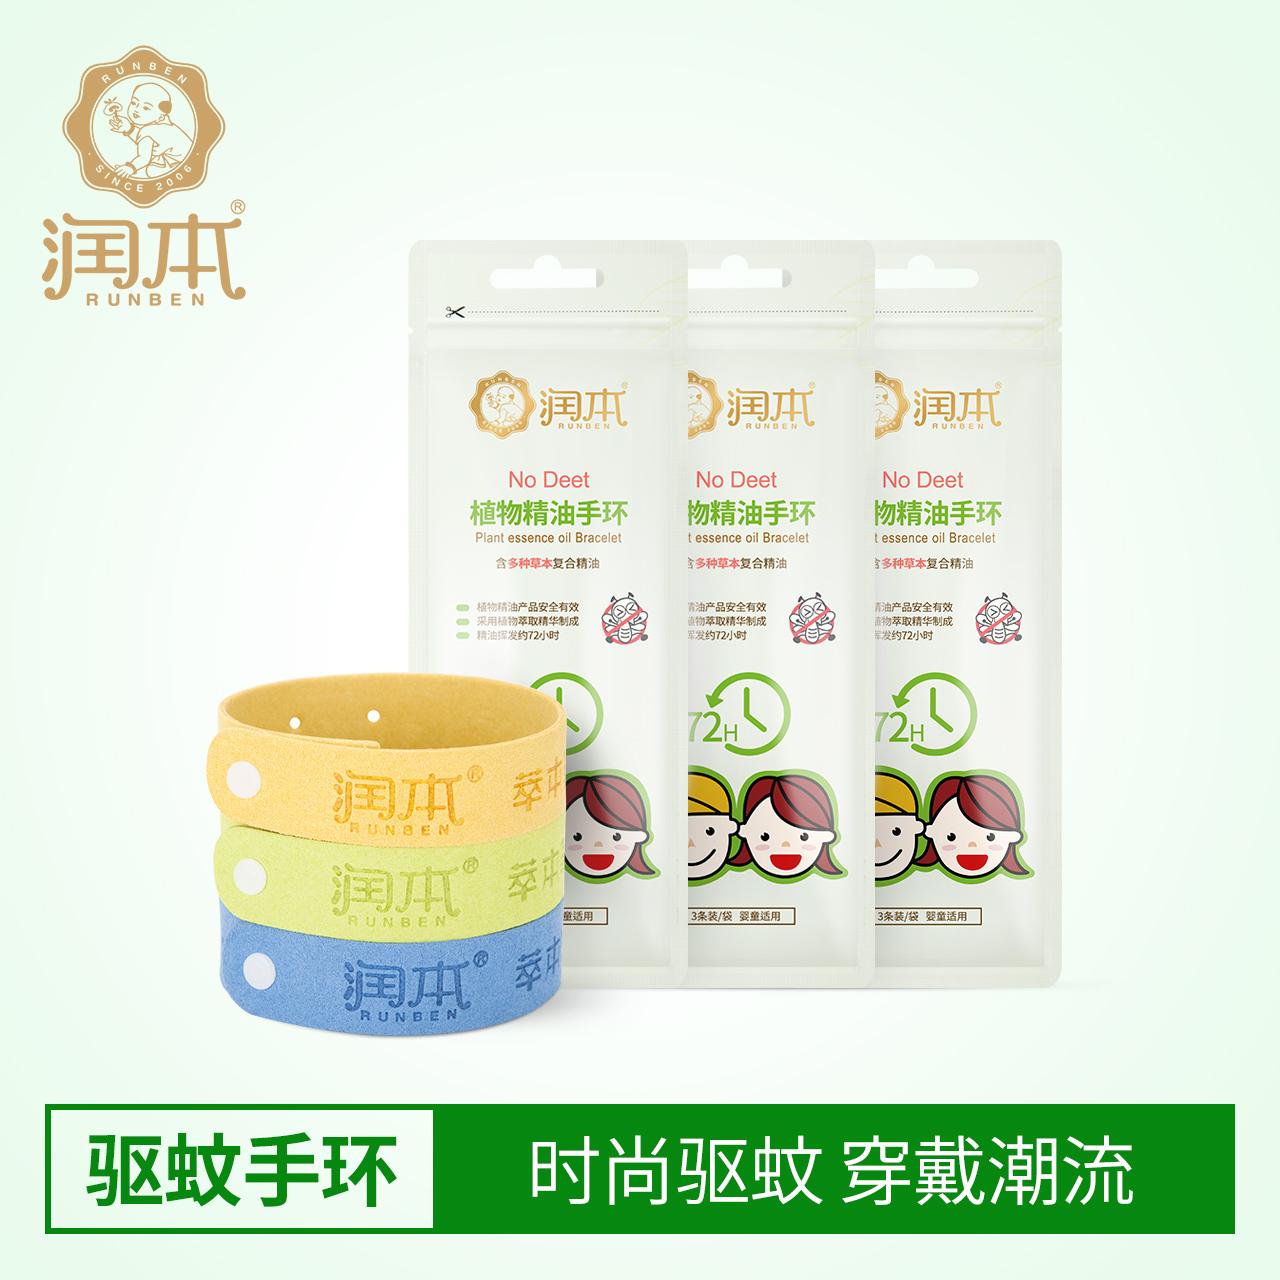 Прибыль это завод масло репеллент браслет 3 пакет 9 картридж природный комар браслет для взрослых ребенок ребенок ребенок комар круг